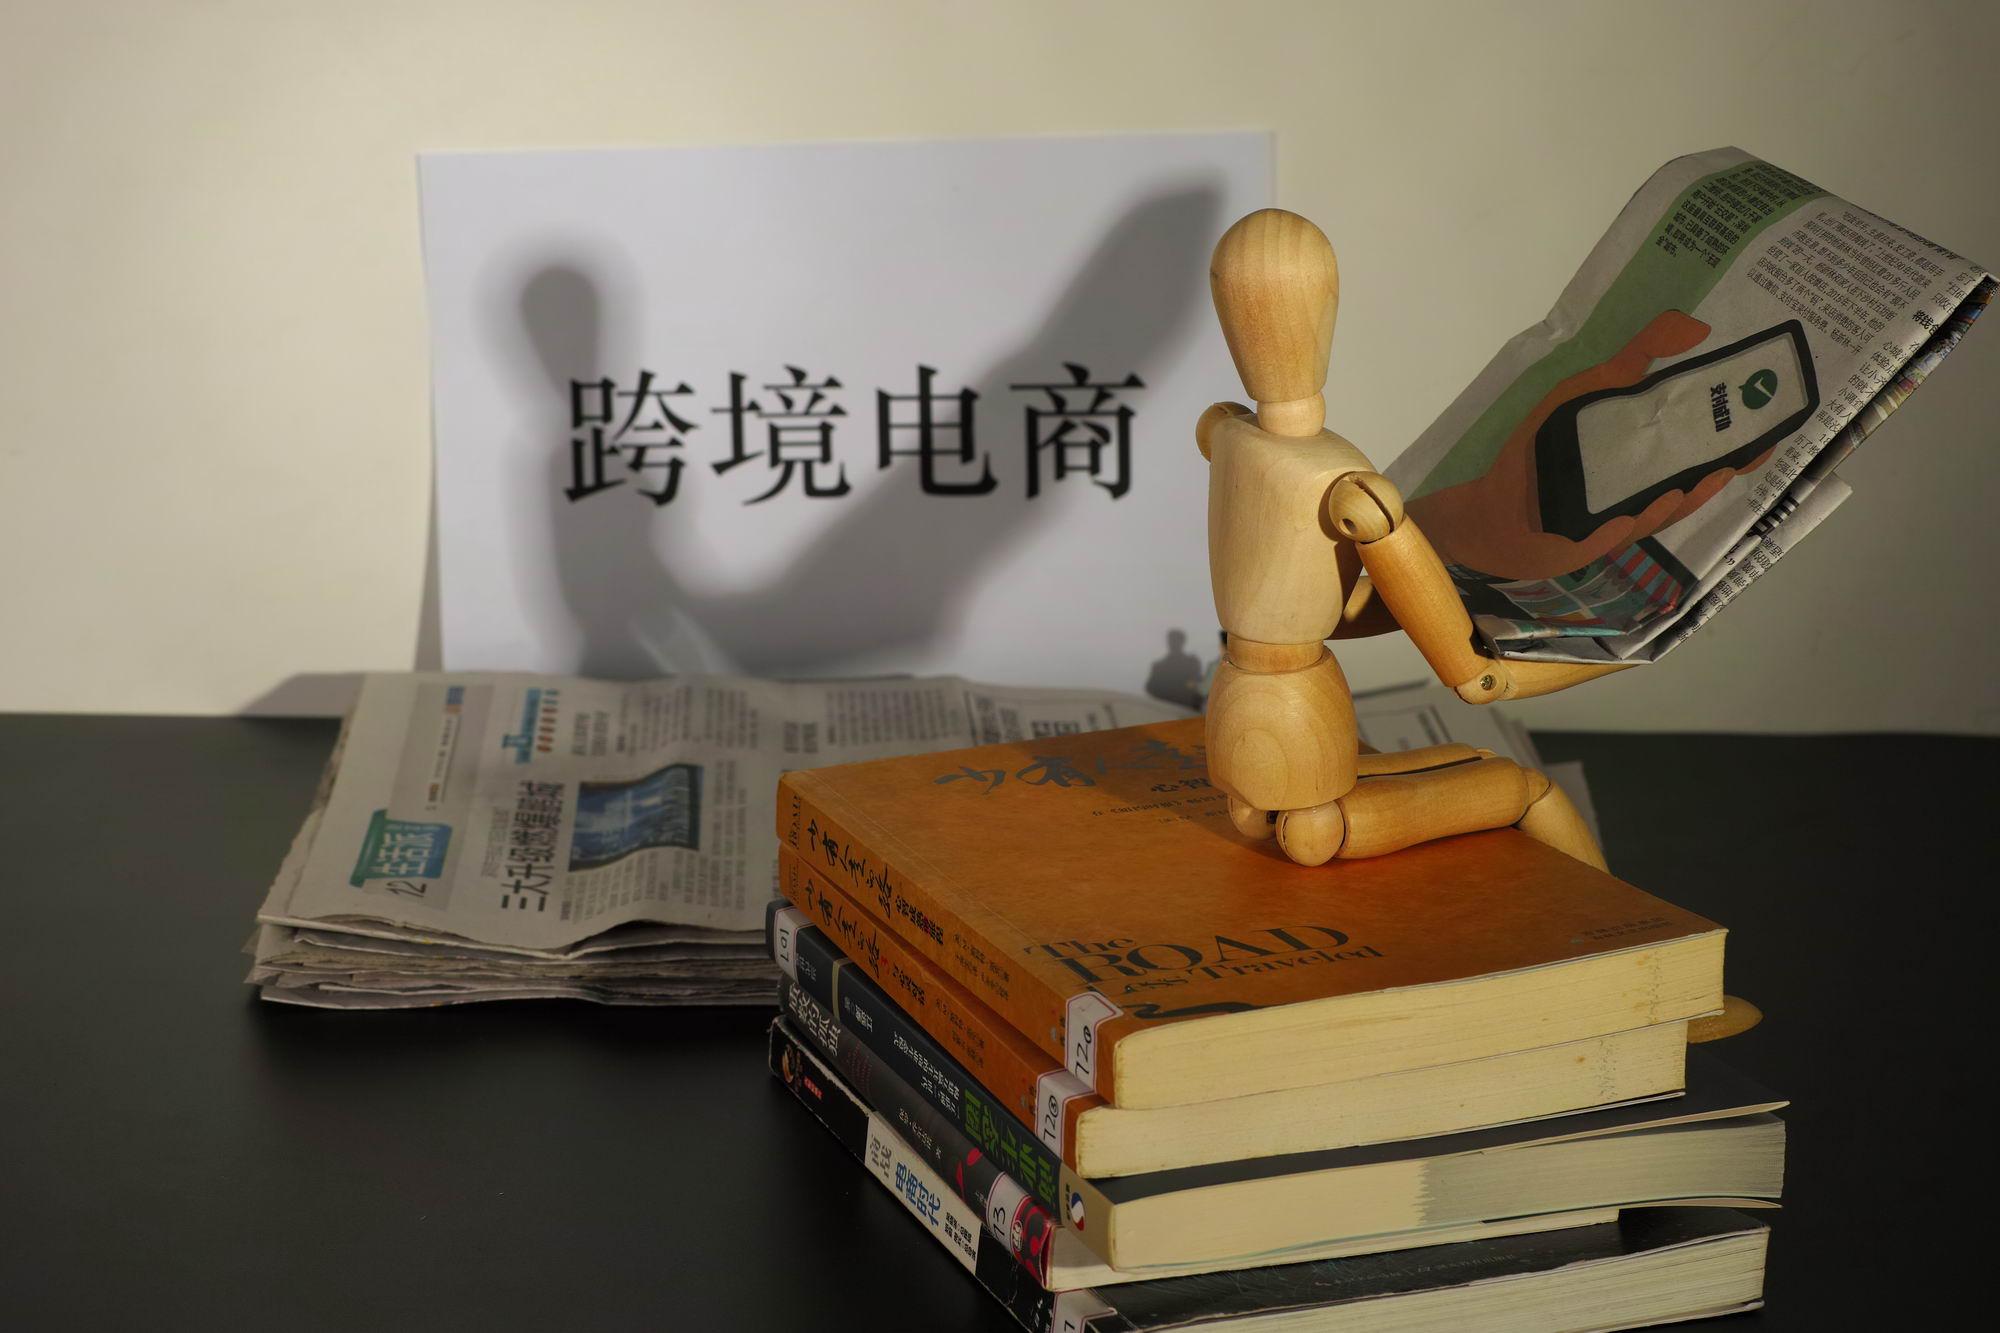 广州海关跨境电商B2B出口试点首月监管货值达28.4亿元_跨境电商_电商报